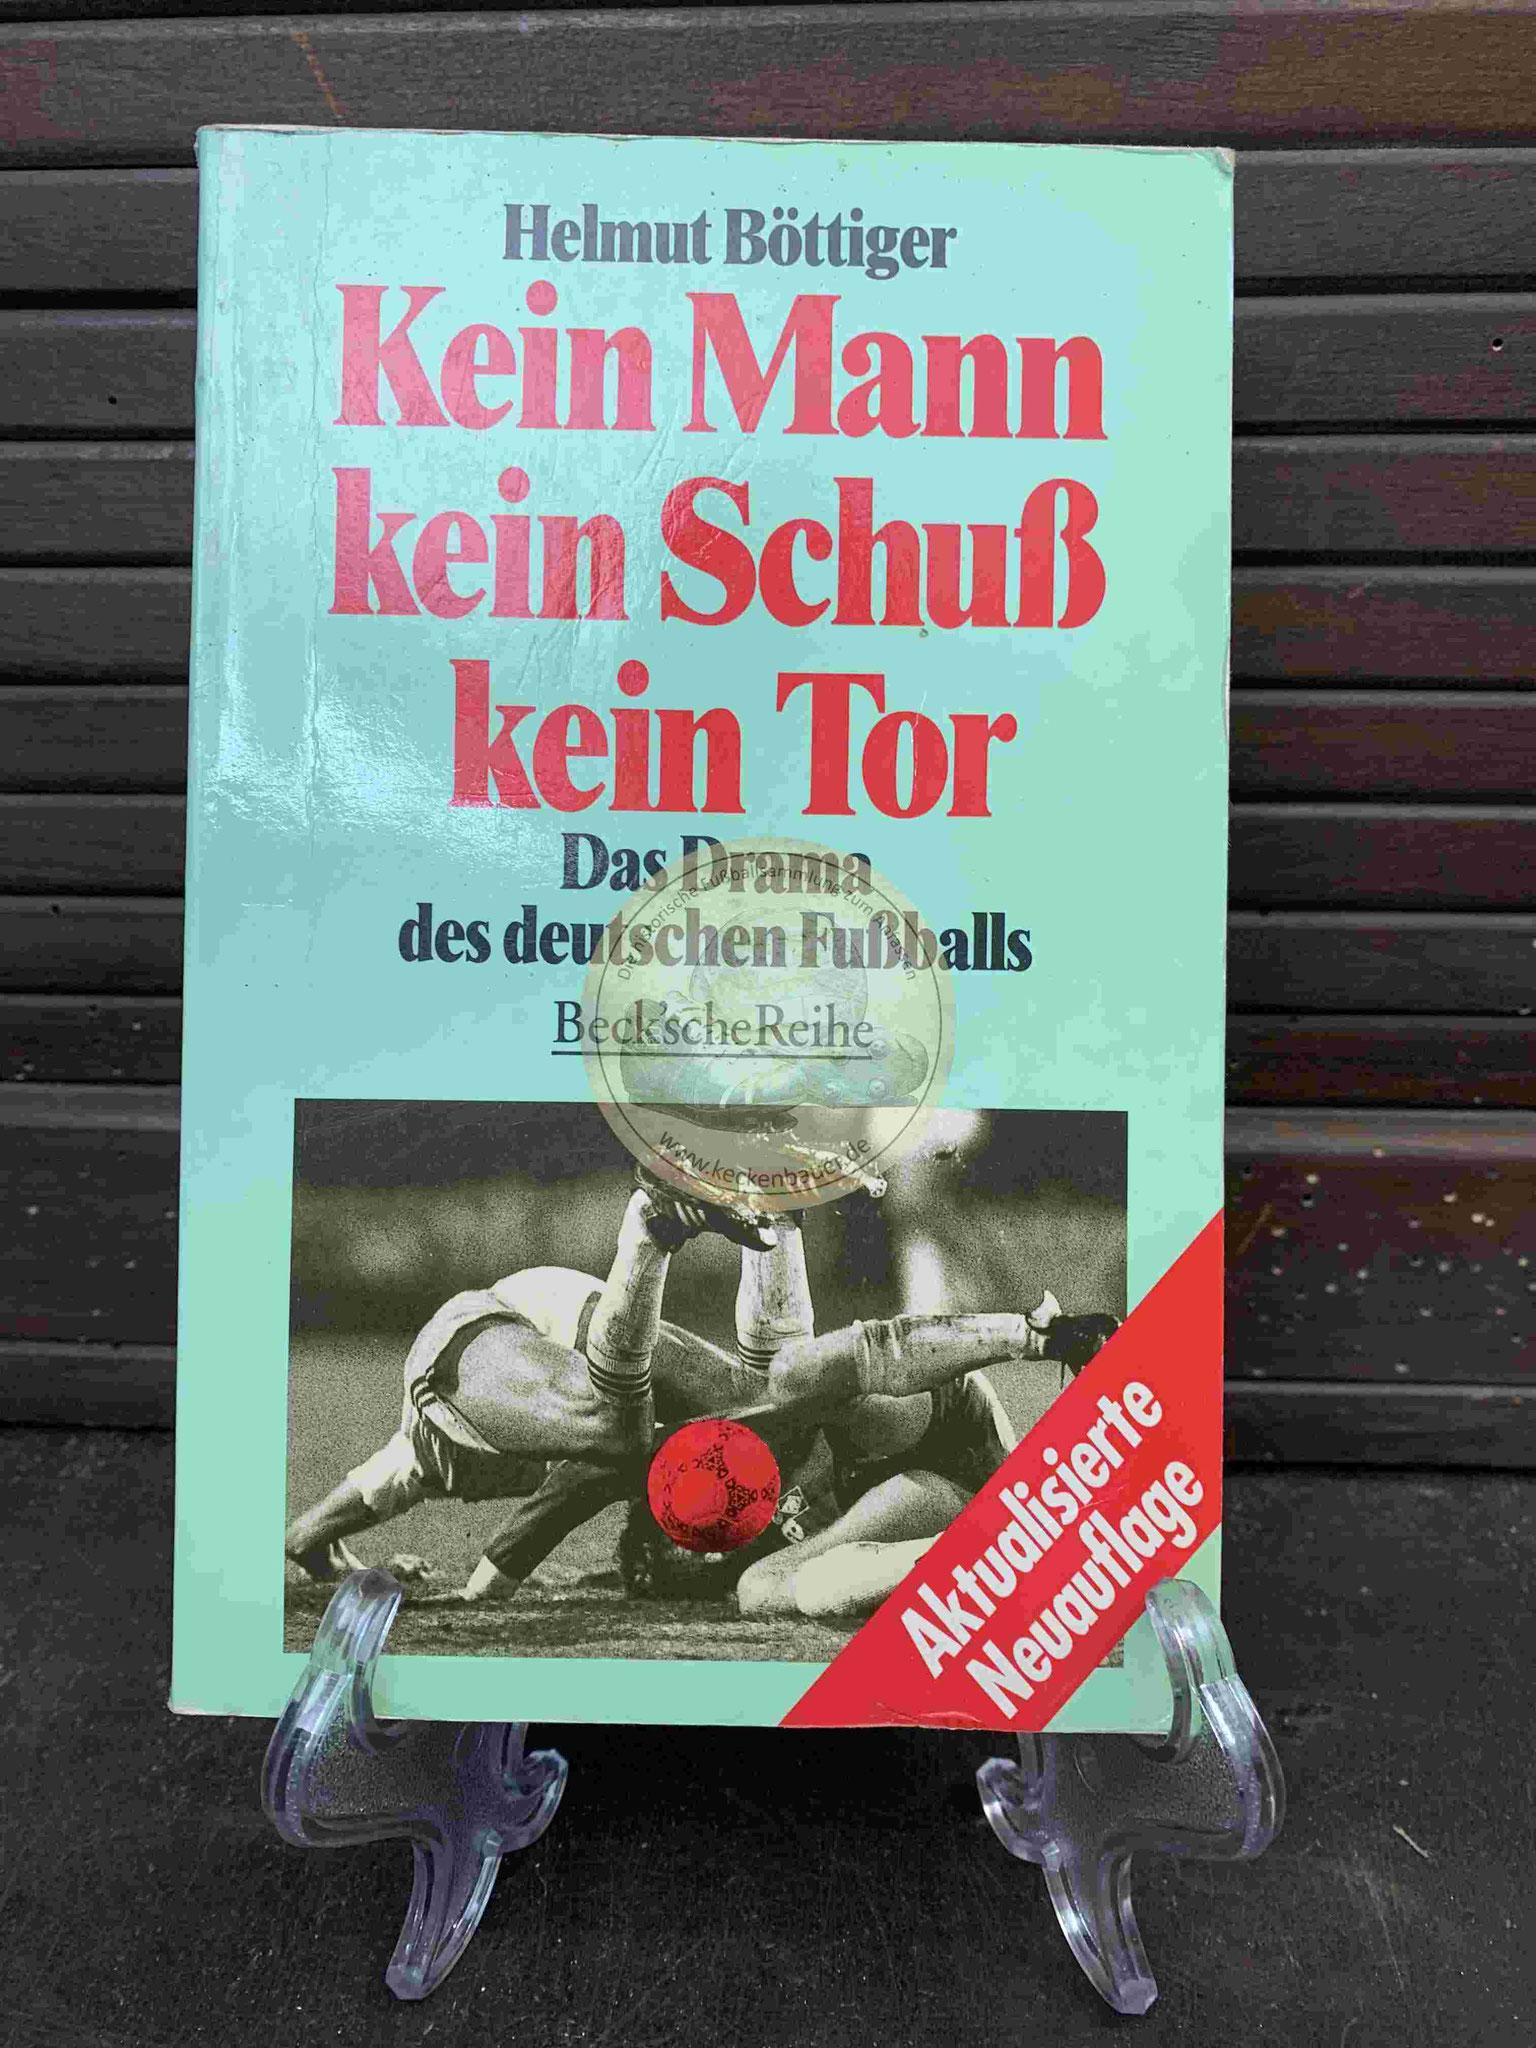 Helmut Böttiger Kein Mann kein Schuß kein Tor Das Drama des deutschen Fußballs Becksche Reihe aus dem Jahr 1993